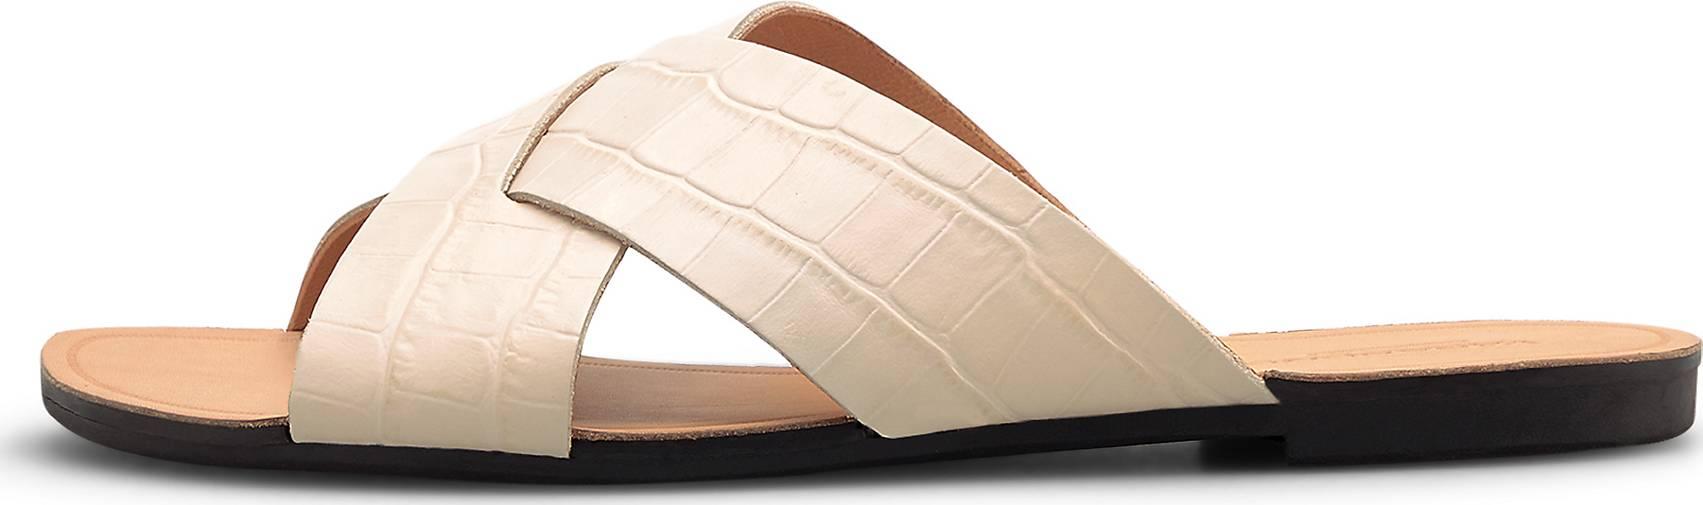 Vagabond Leder-Pantolette TIA